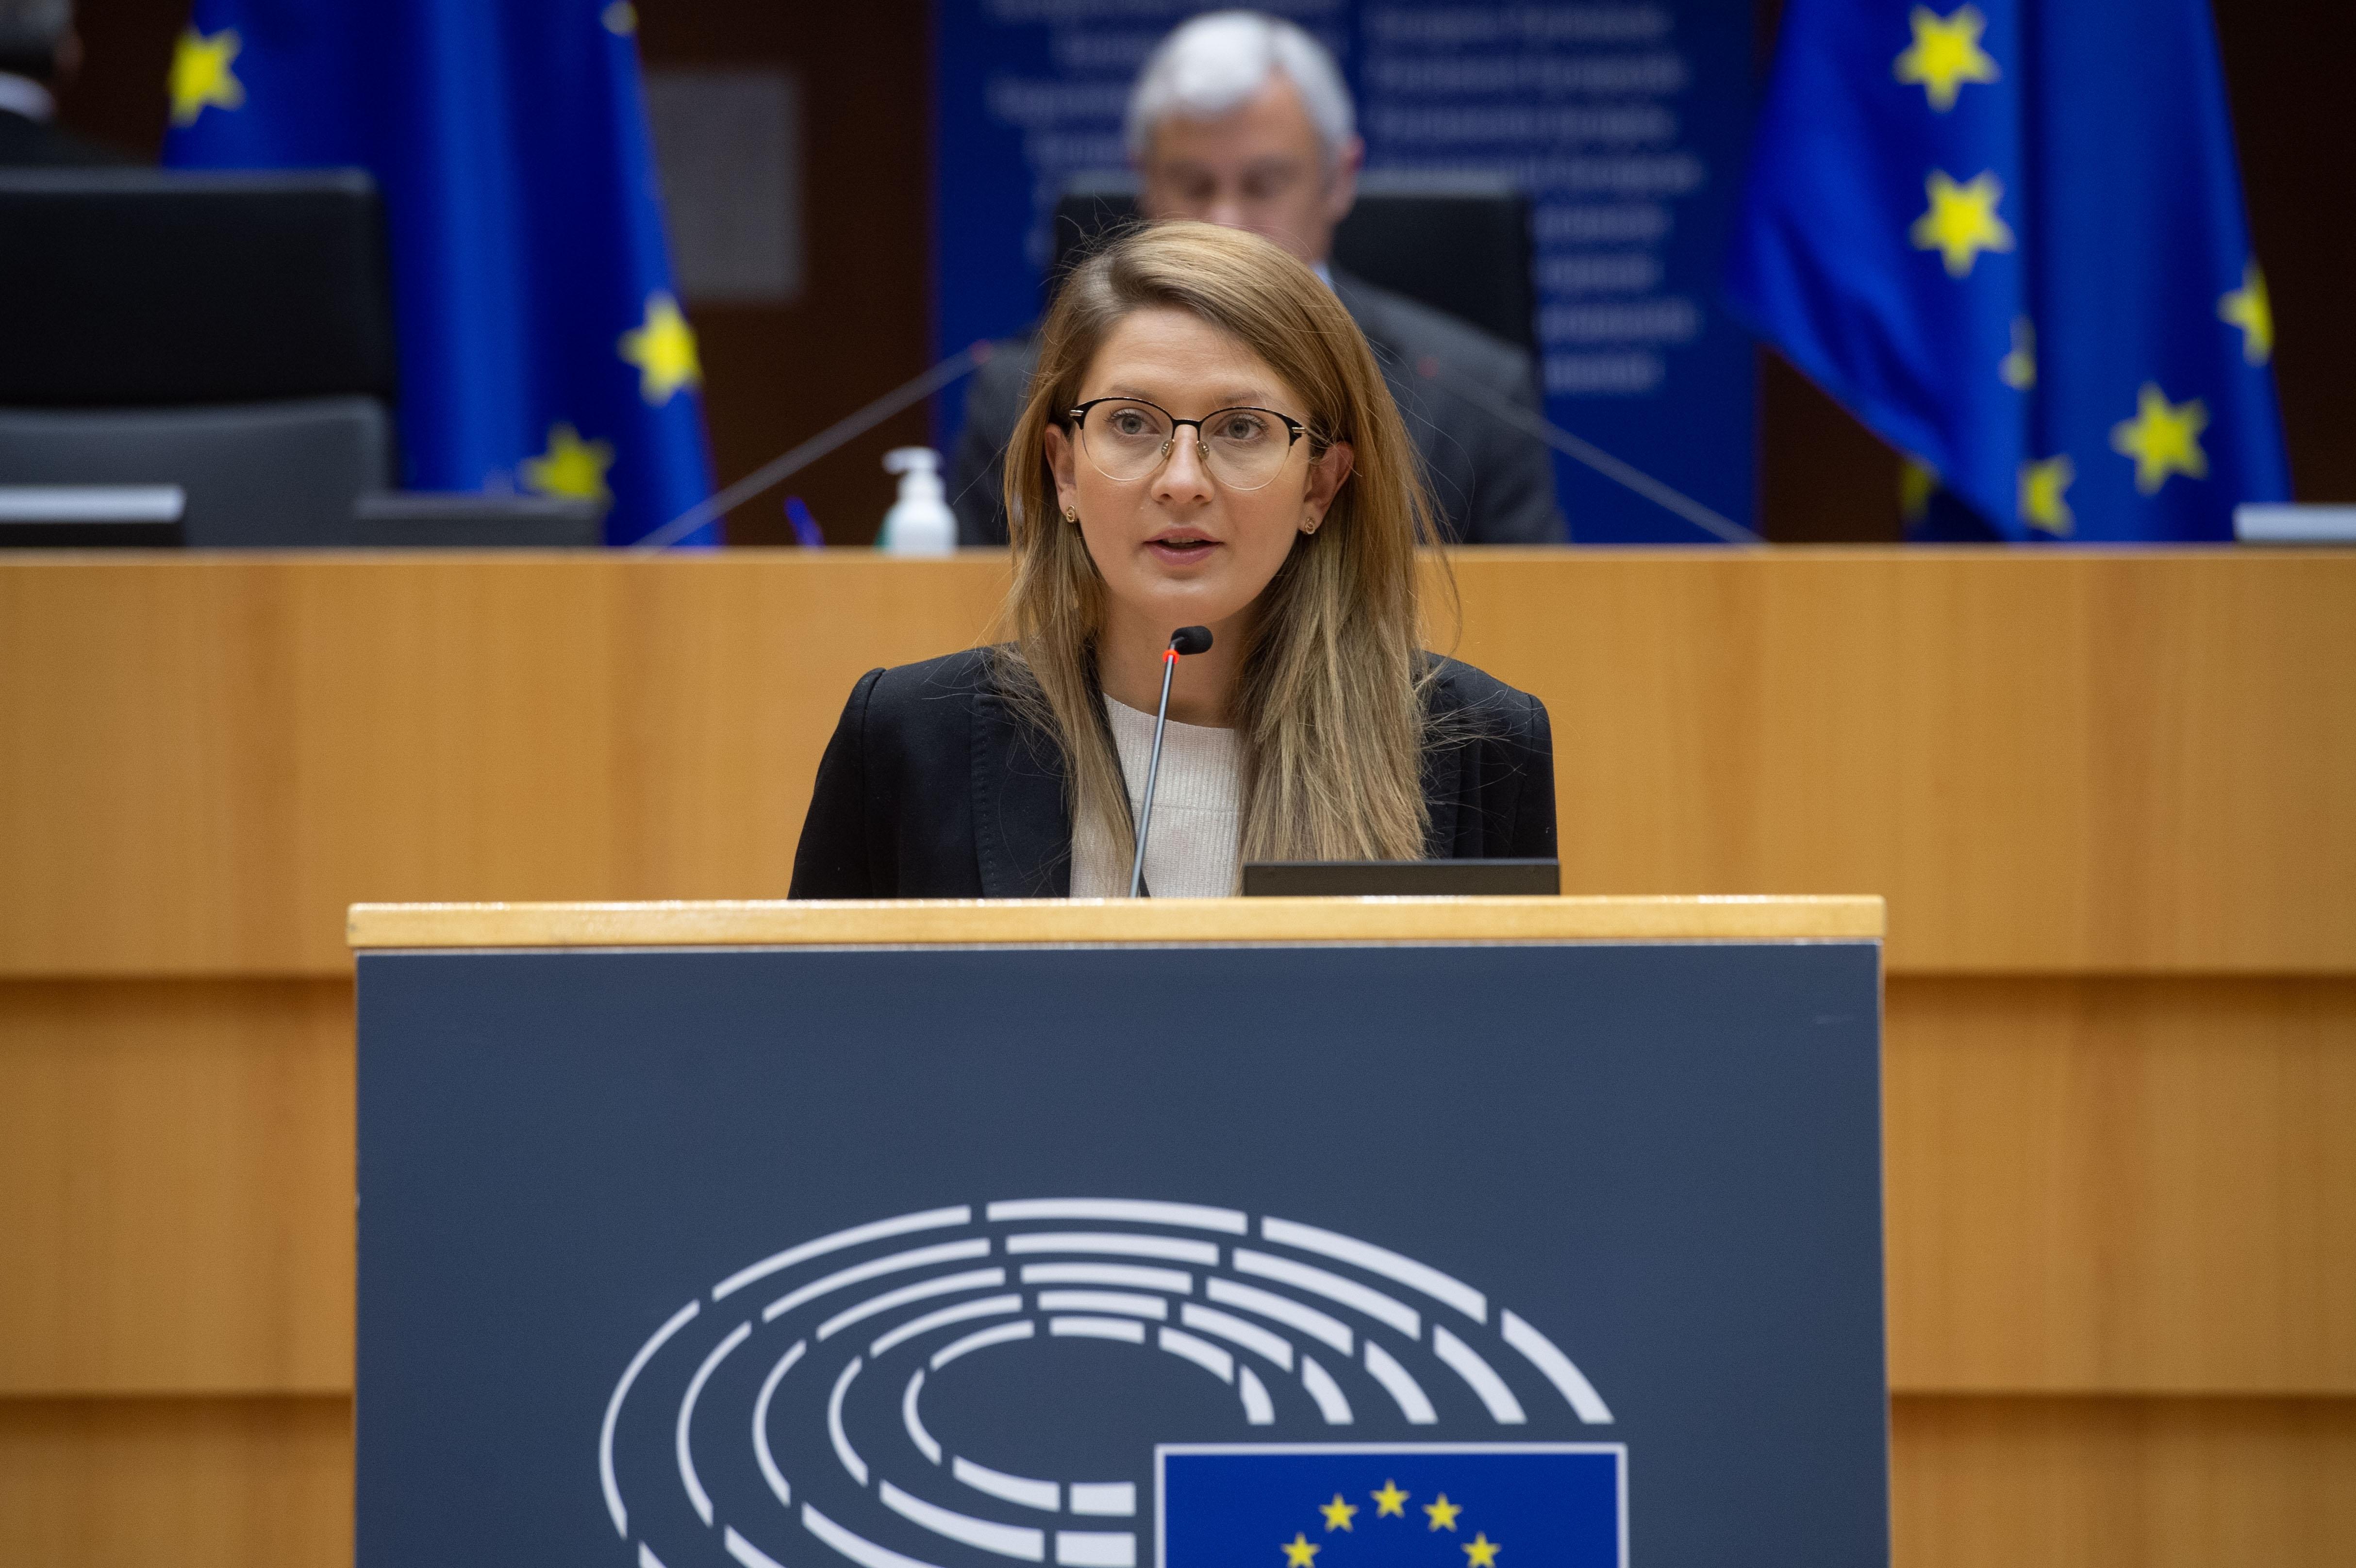 Kато европейски социалисти и демократи не пестихме усилия да извоюваме